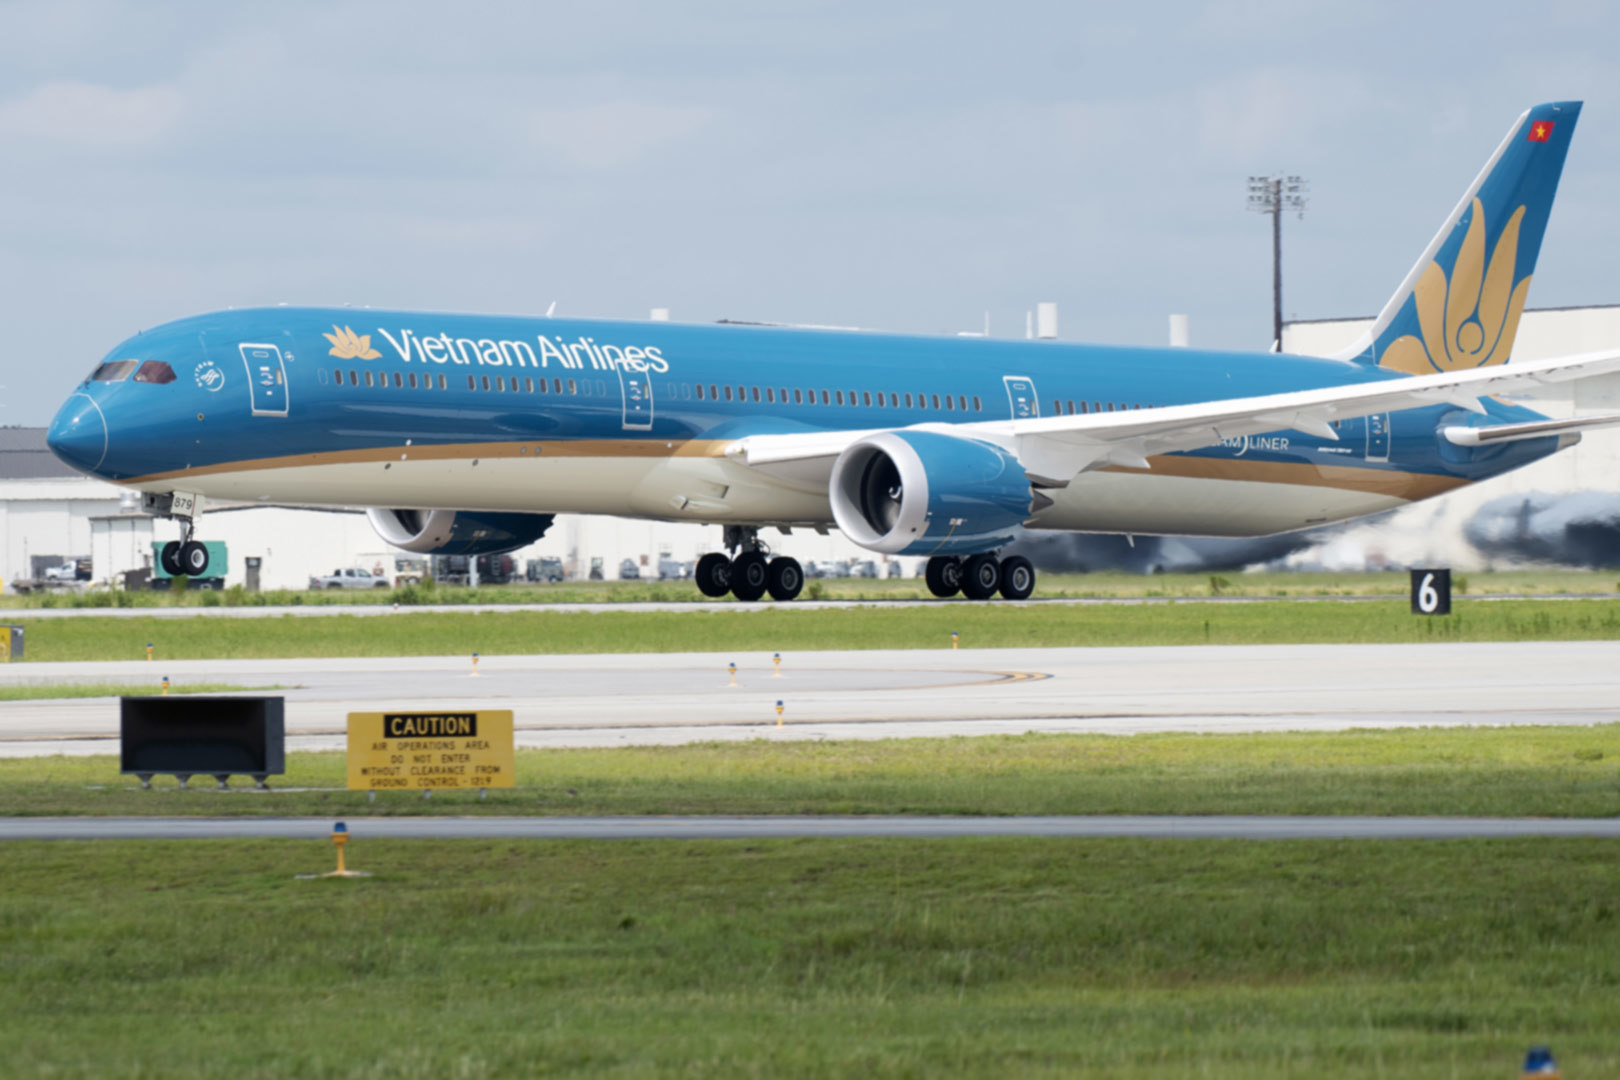 Hãng bay quốc gia Vietnam Airlines đã lỗ hơn 10 nghìn tỷ đồng